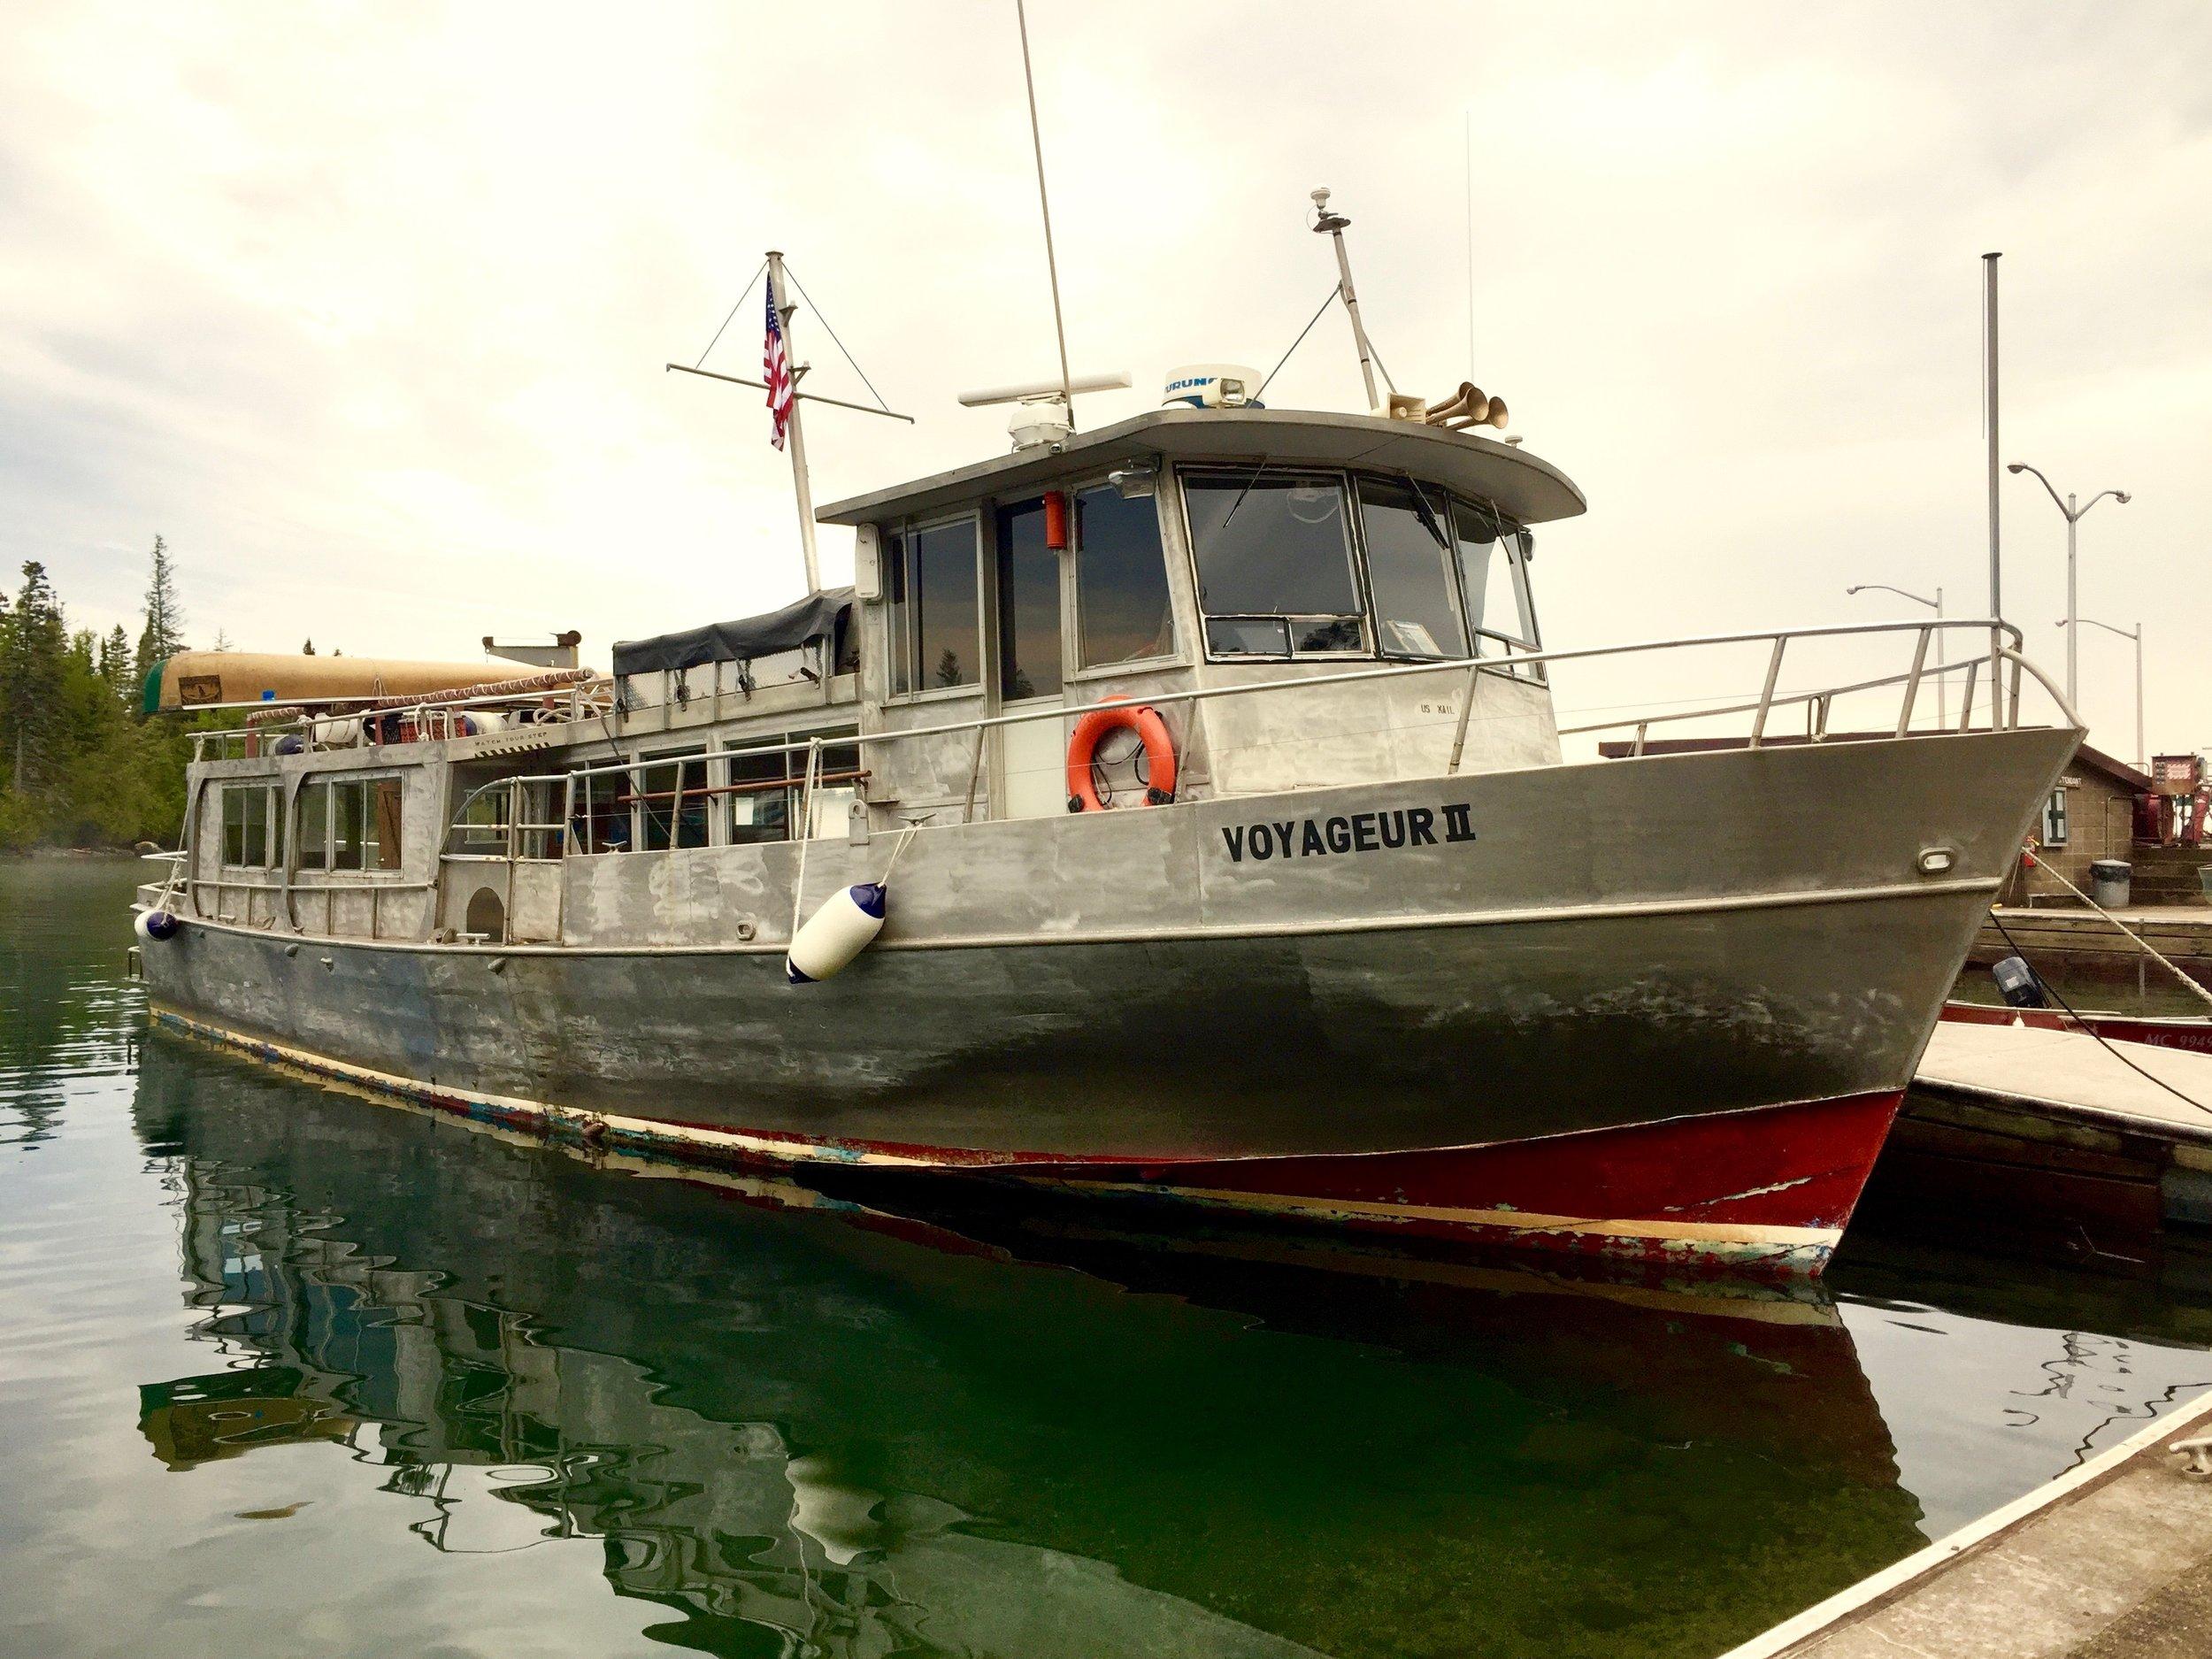 33 - Voyageur II in Rock Harbor.jpg